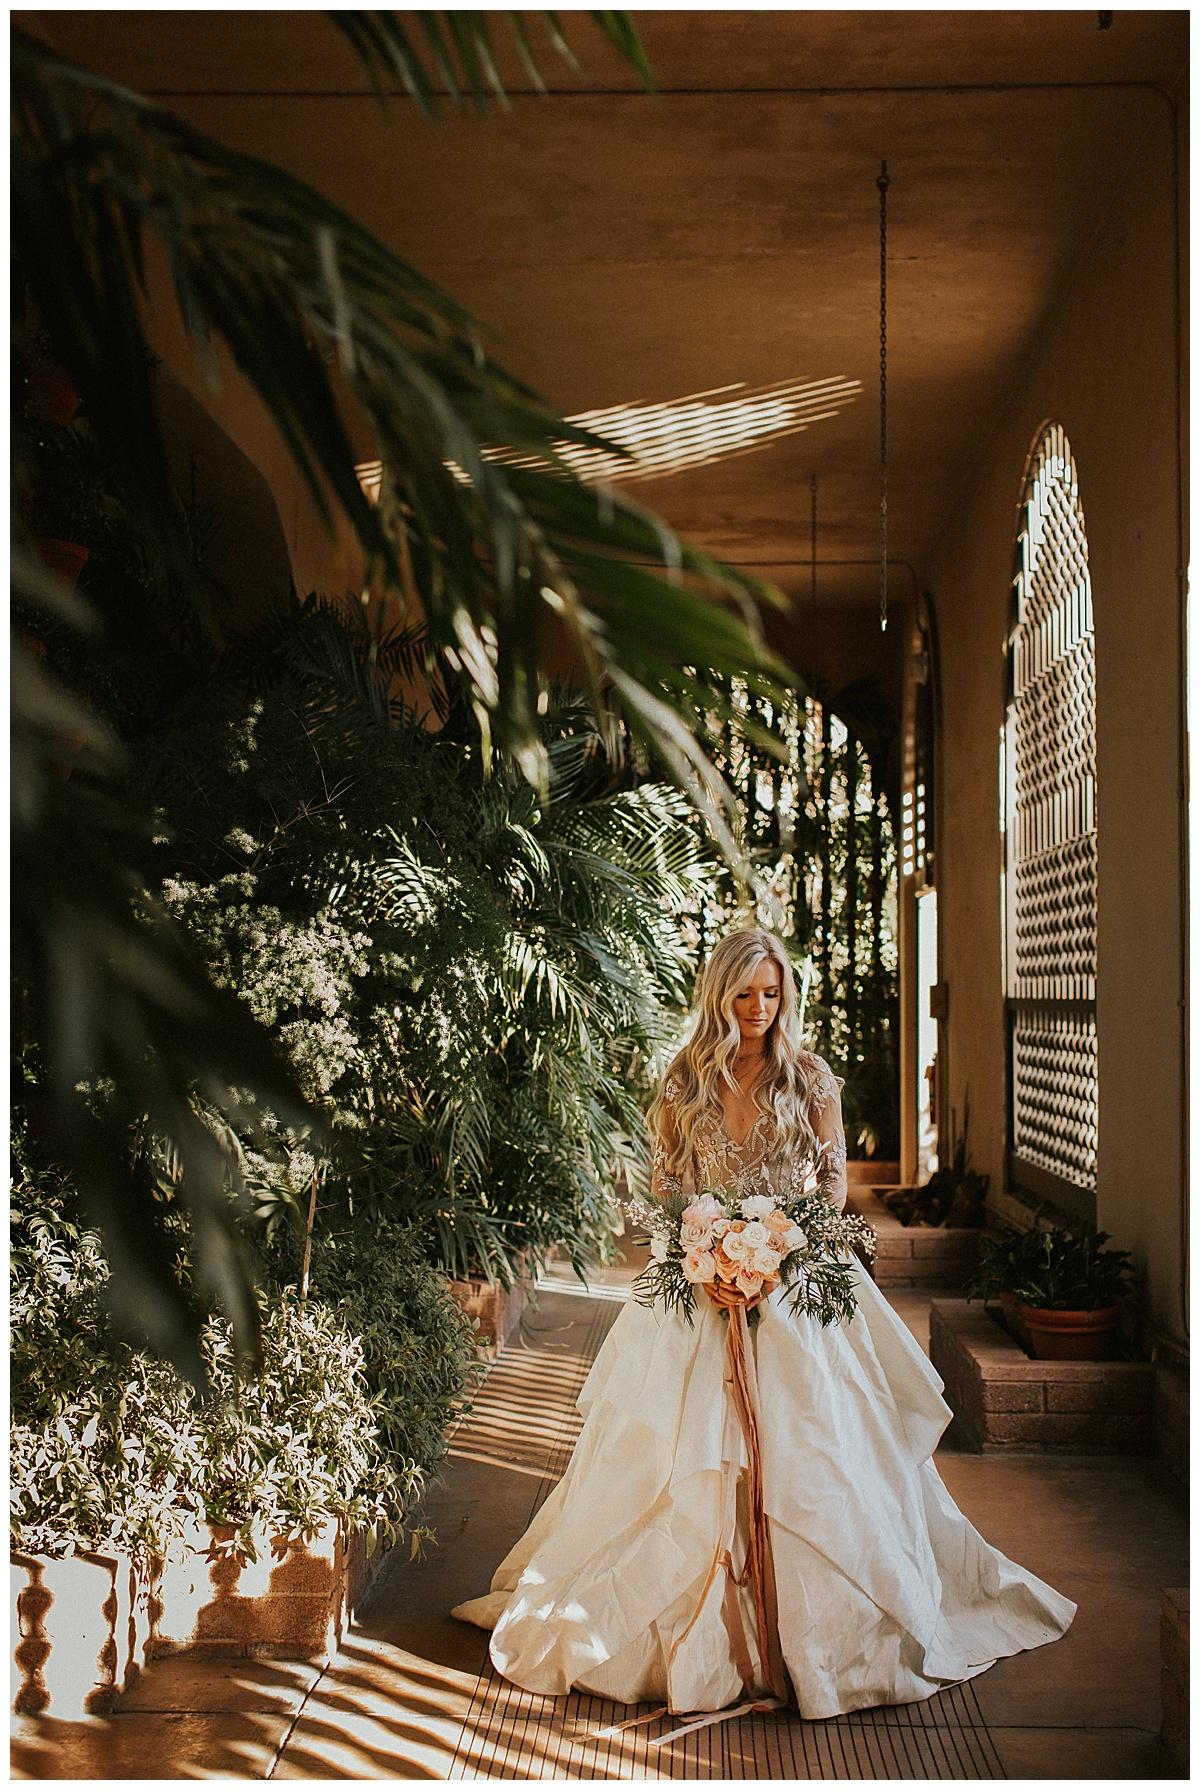 Bixby+Pine-Sarah-Anne-Photography-Balboa-Park-San-Diego-Californai_0024.jpg